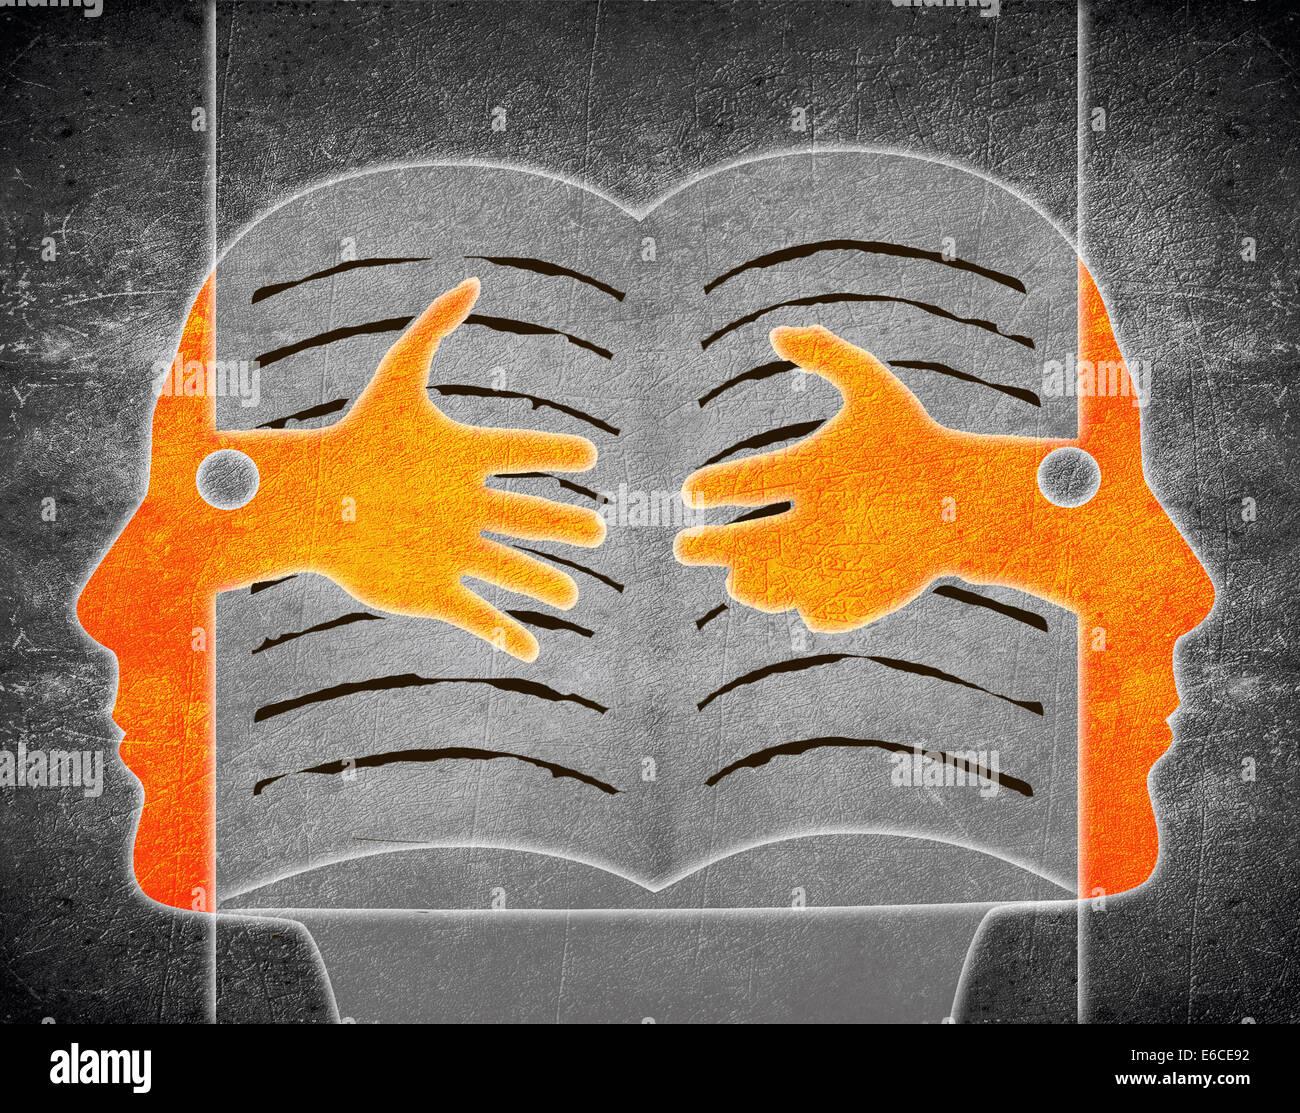 Ilustración digital con dos personas y reservar Imagen De Stock